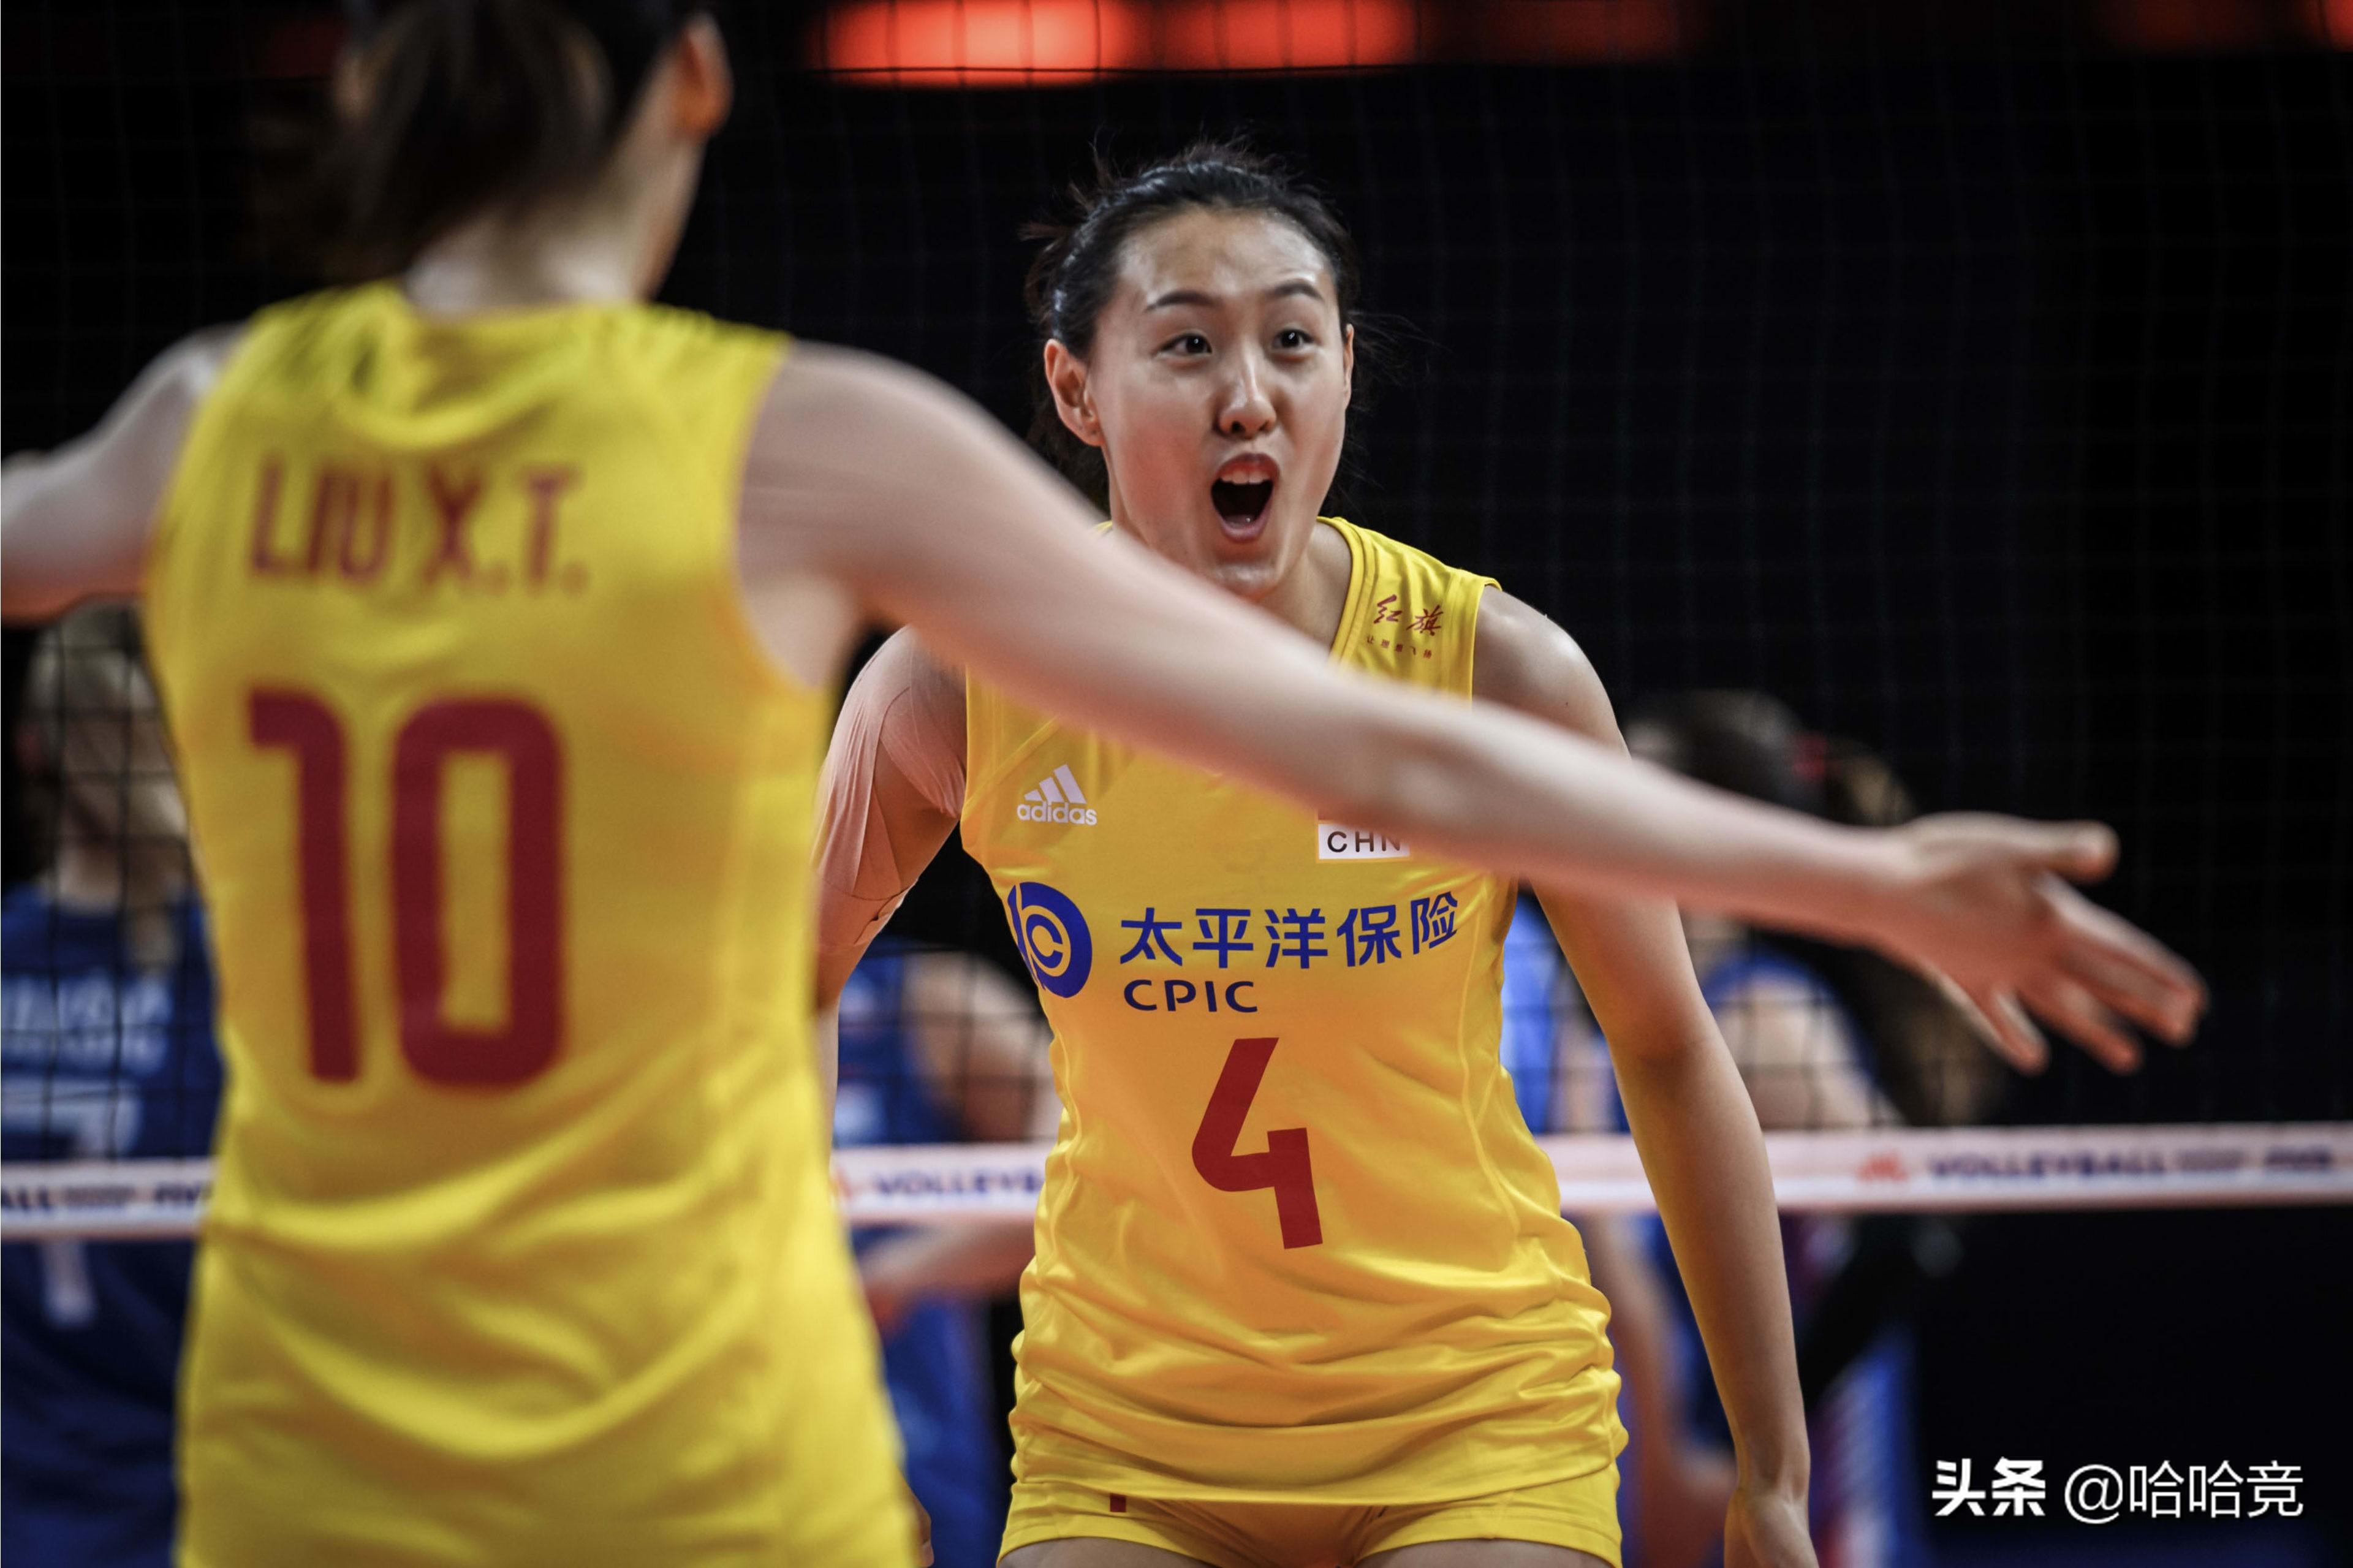 张常宁轮休中国女排1比3塞尔维亚,吞四连败,杨涵玉发球爆头队友